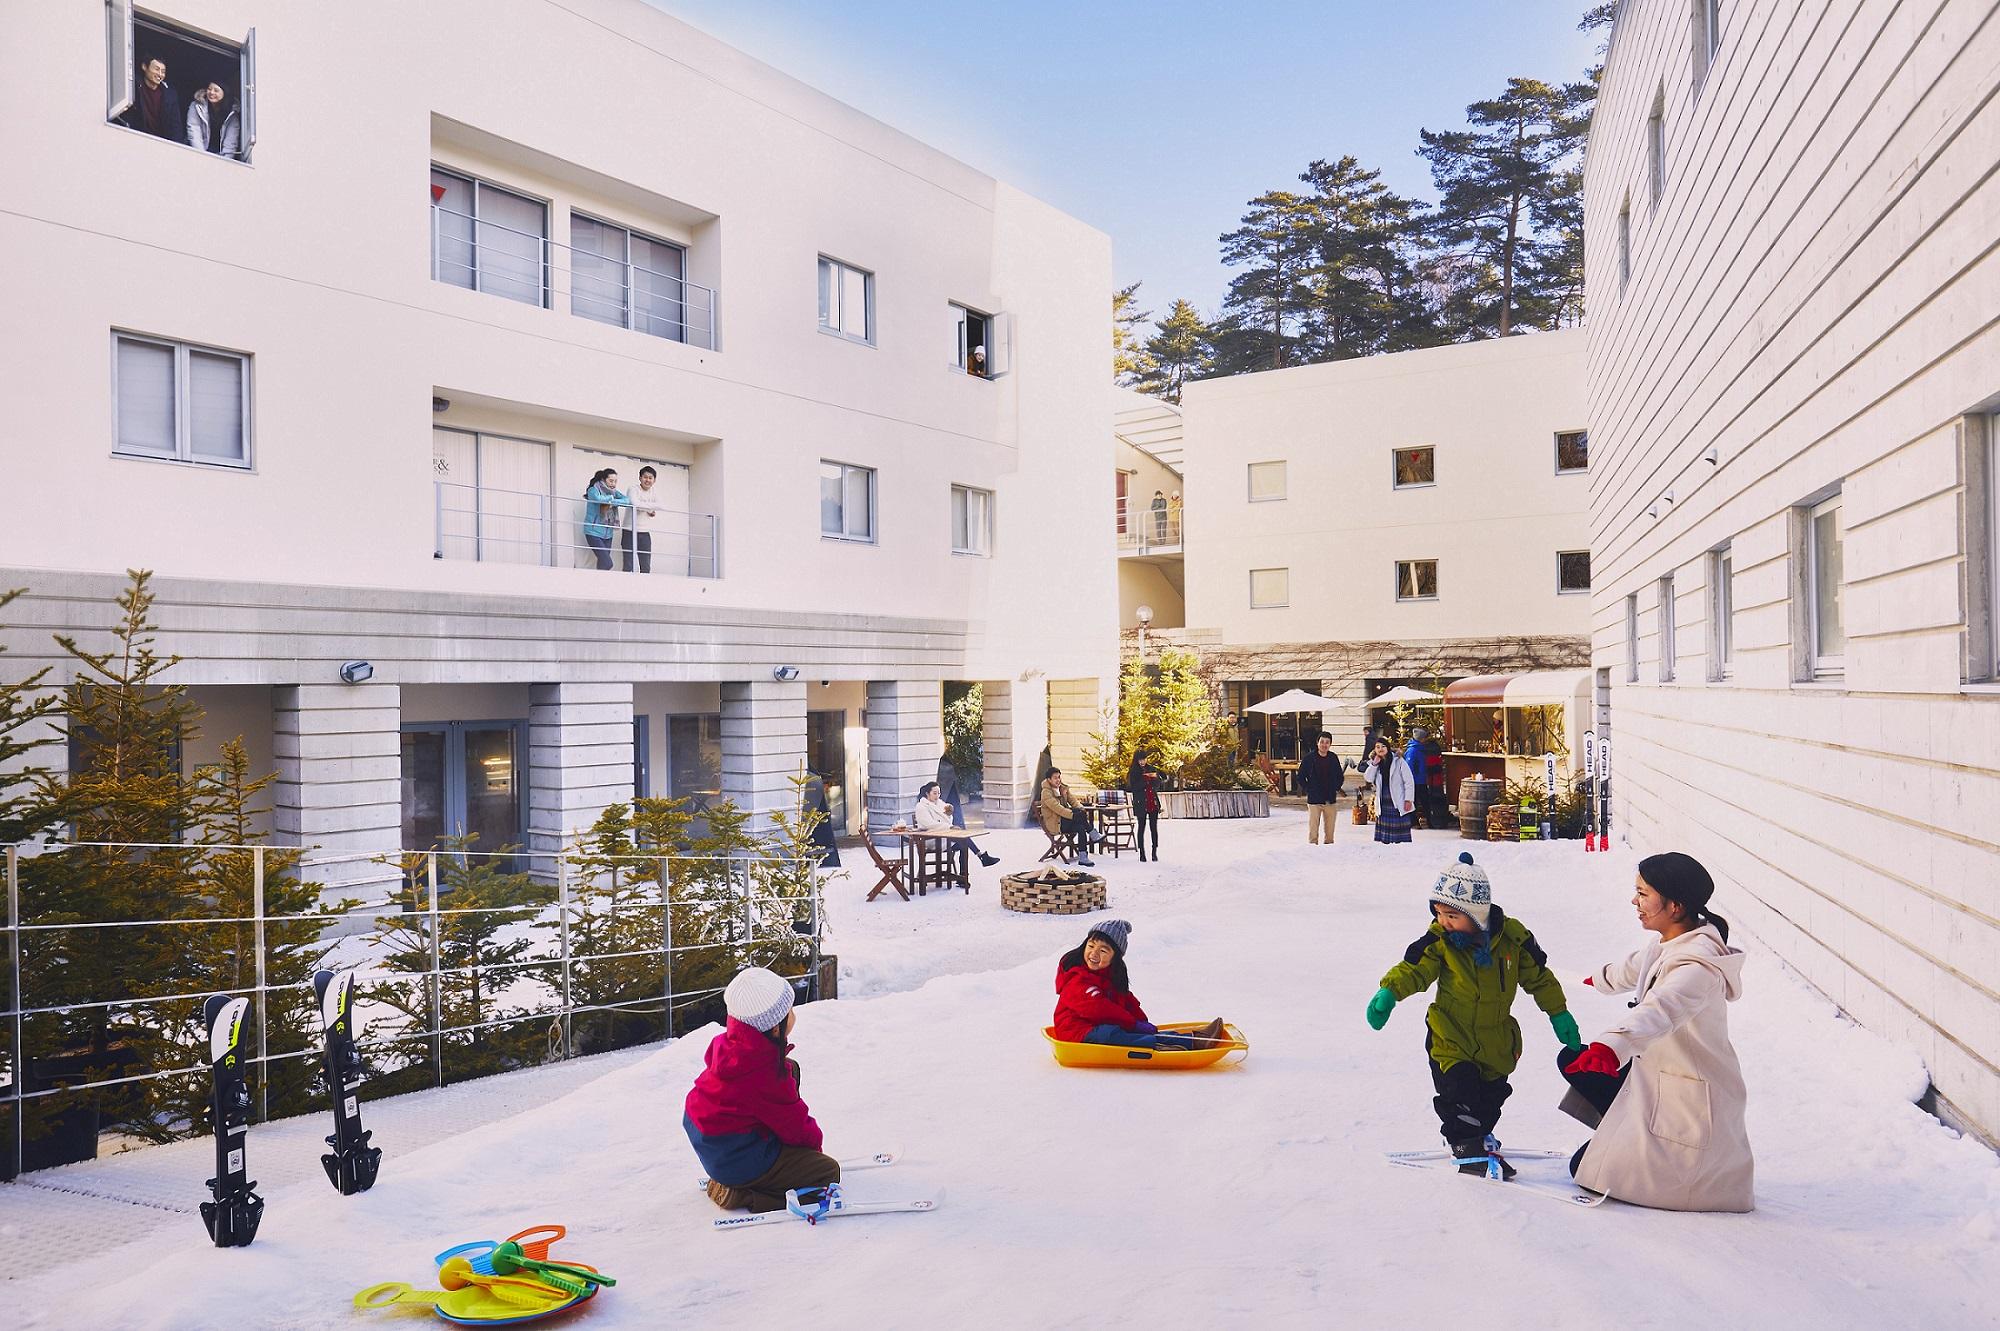 期間限定で登場するミニゲレンデ。客室目の前なのでいつでもラクラク雪遊び